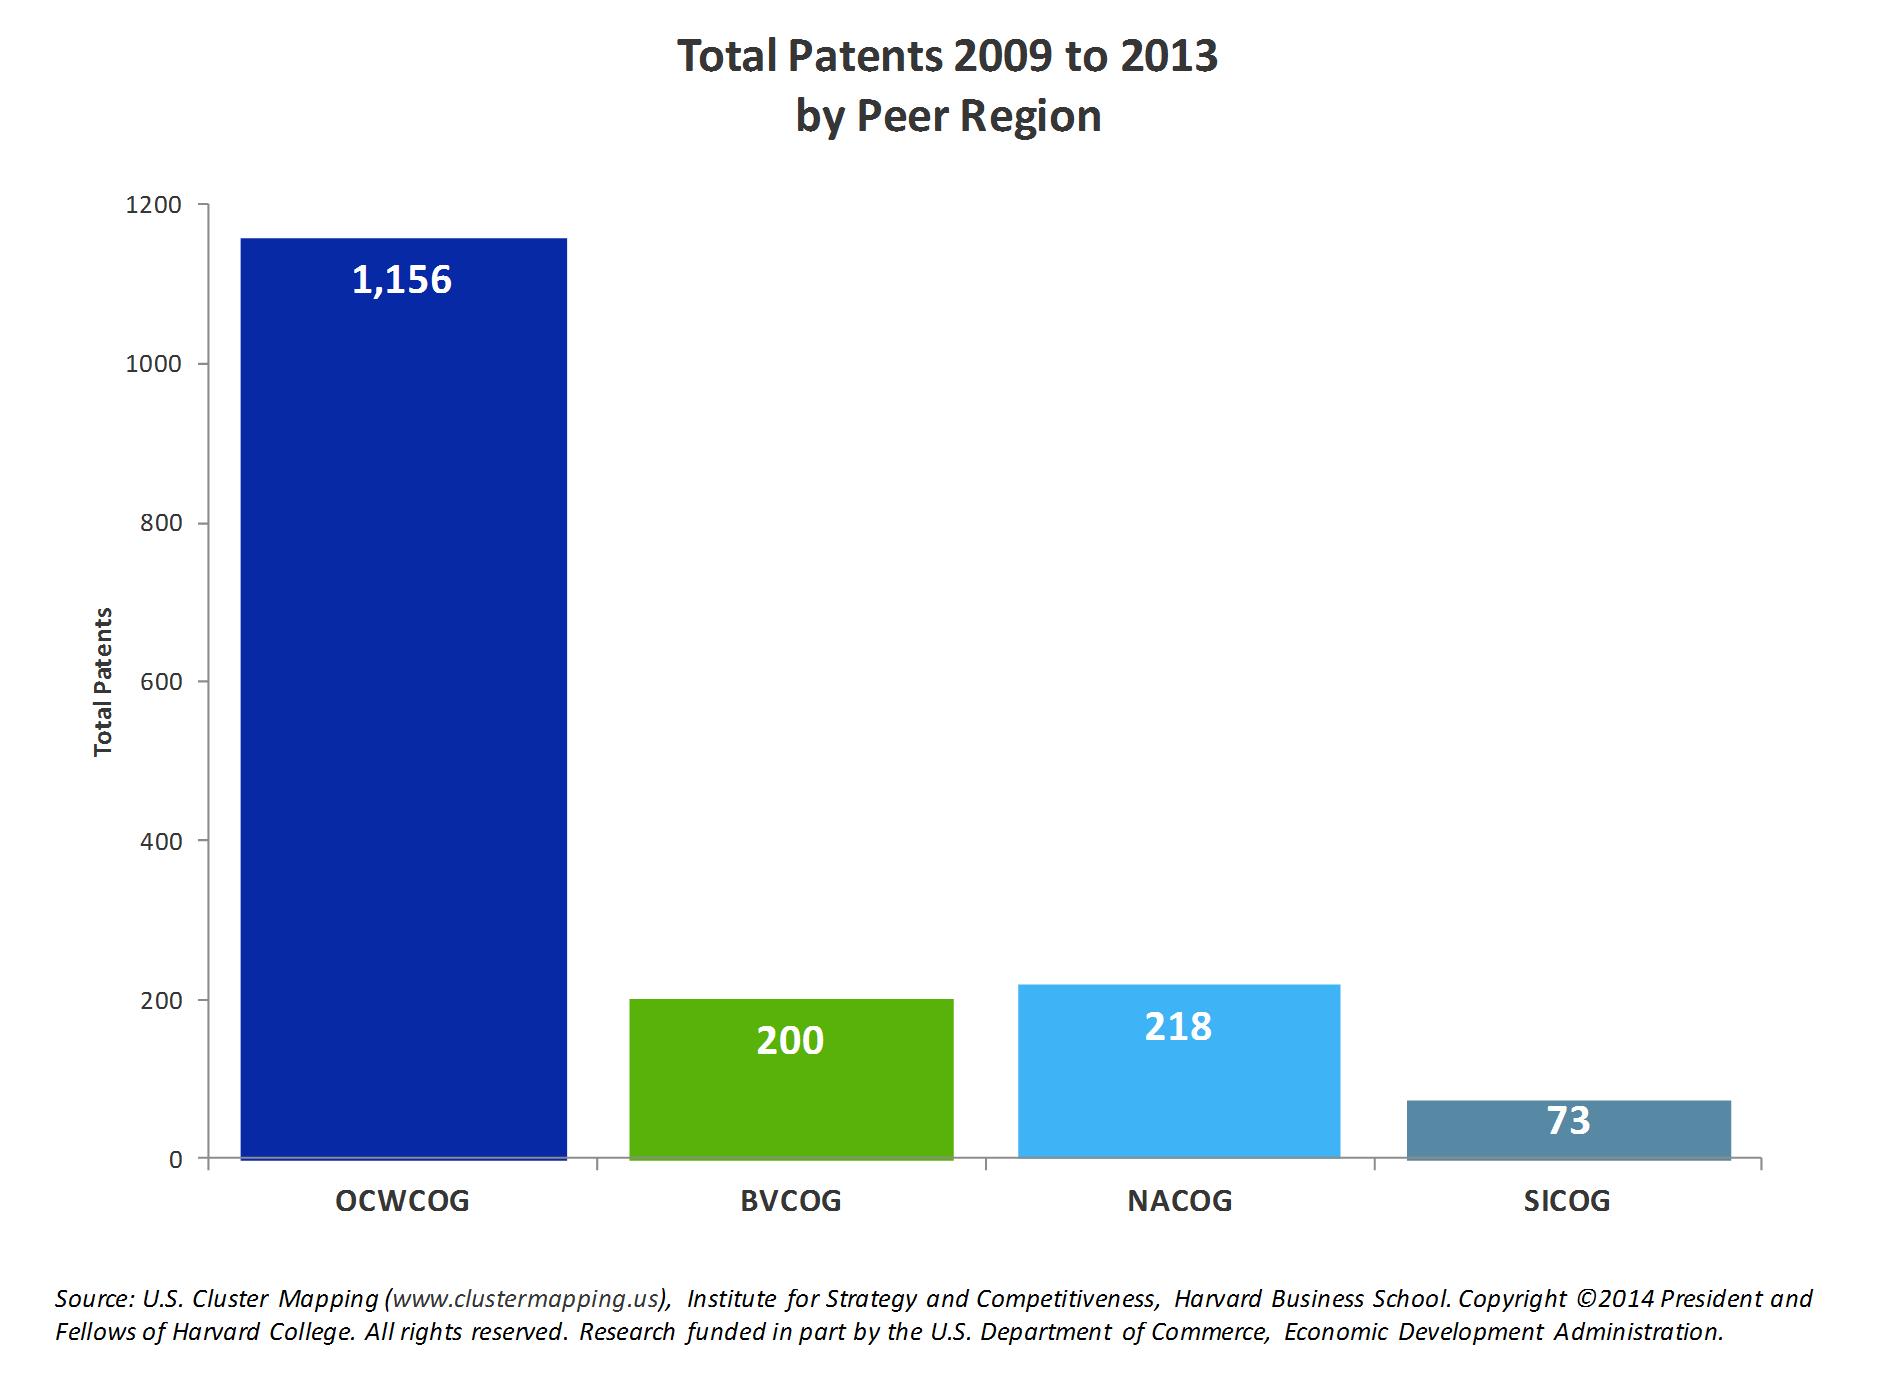 Total Patents 2009-2013 by Peer Region